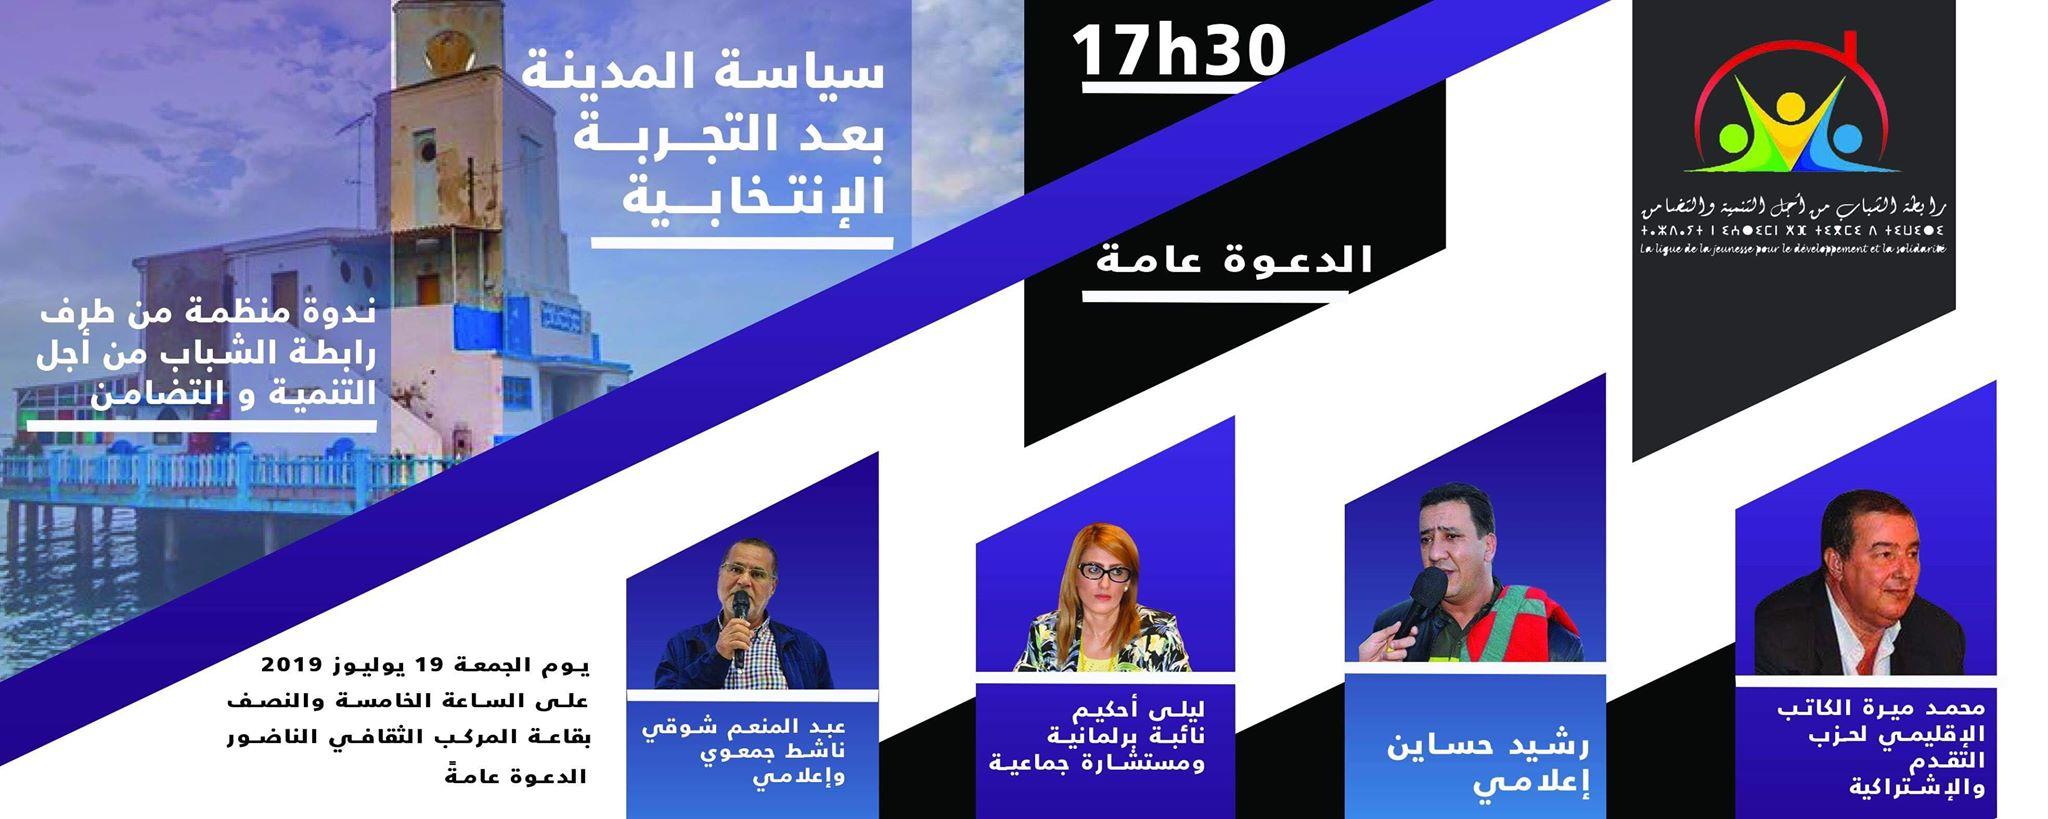 رابطة الشباب من اجل التنمية و التضامن تنظم ندوة في موضوع سياسة المدينة بعد التجربة الانتخابية